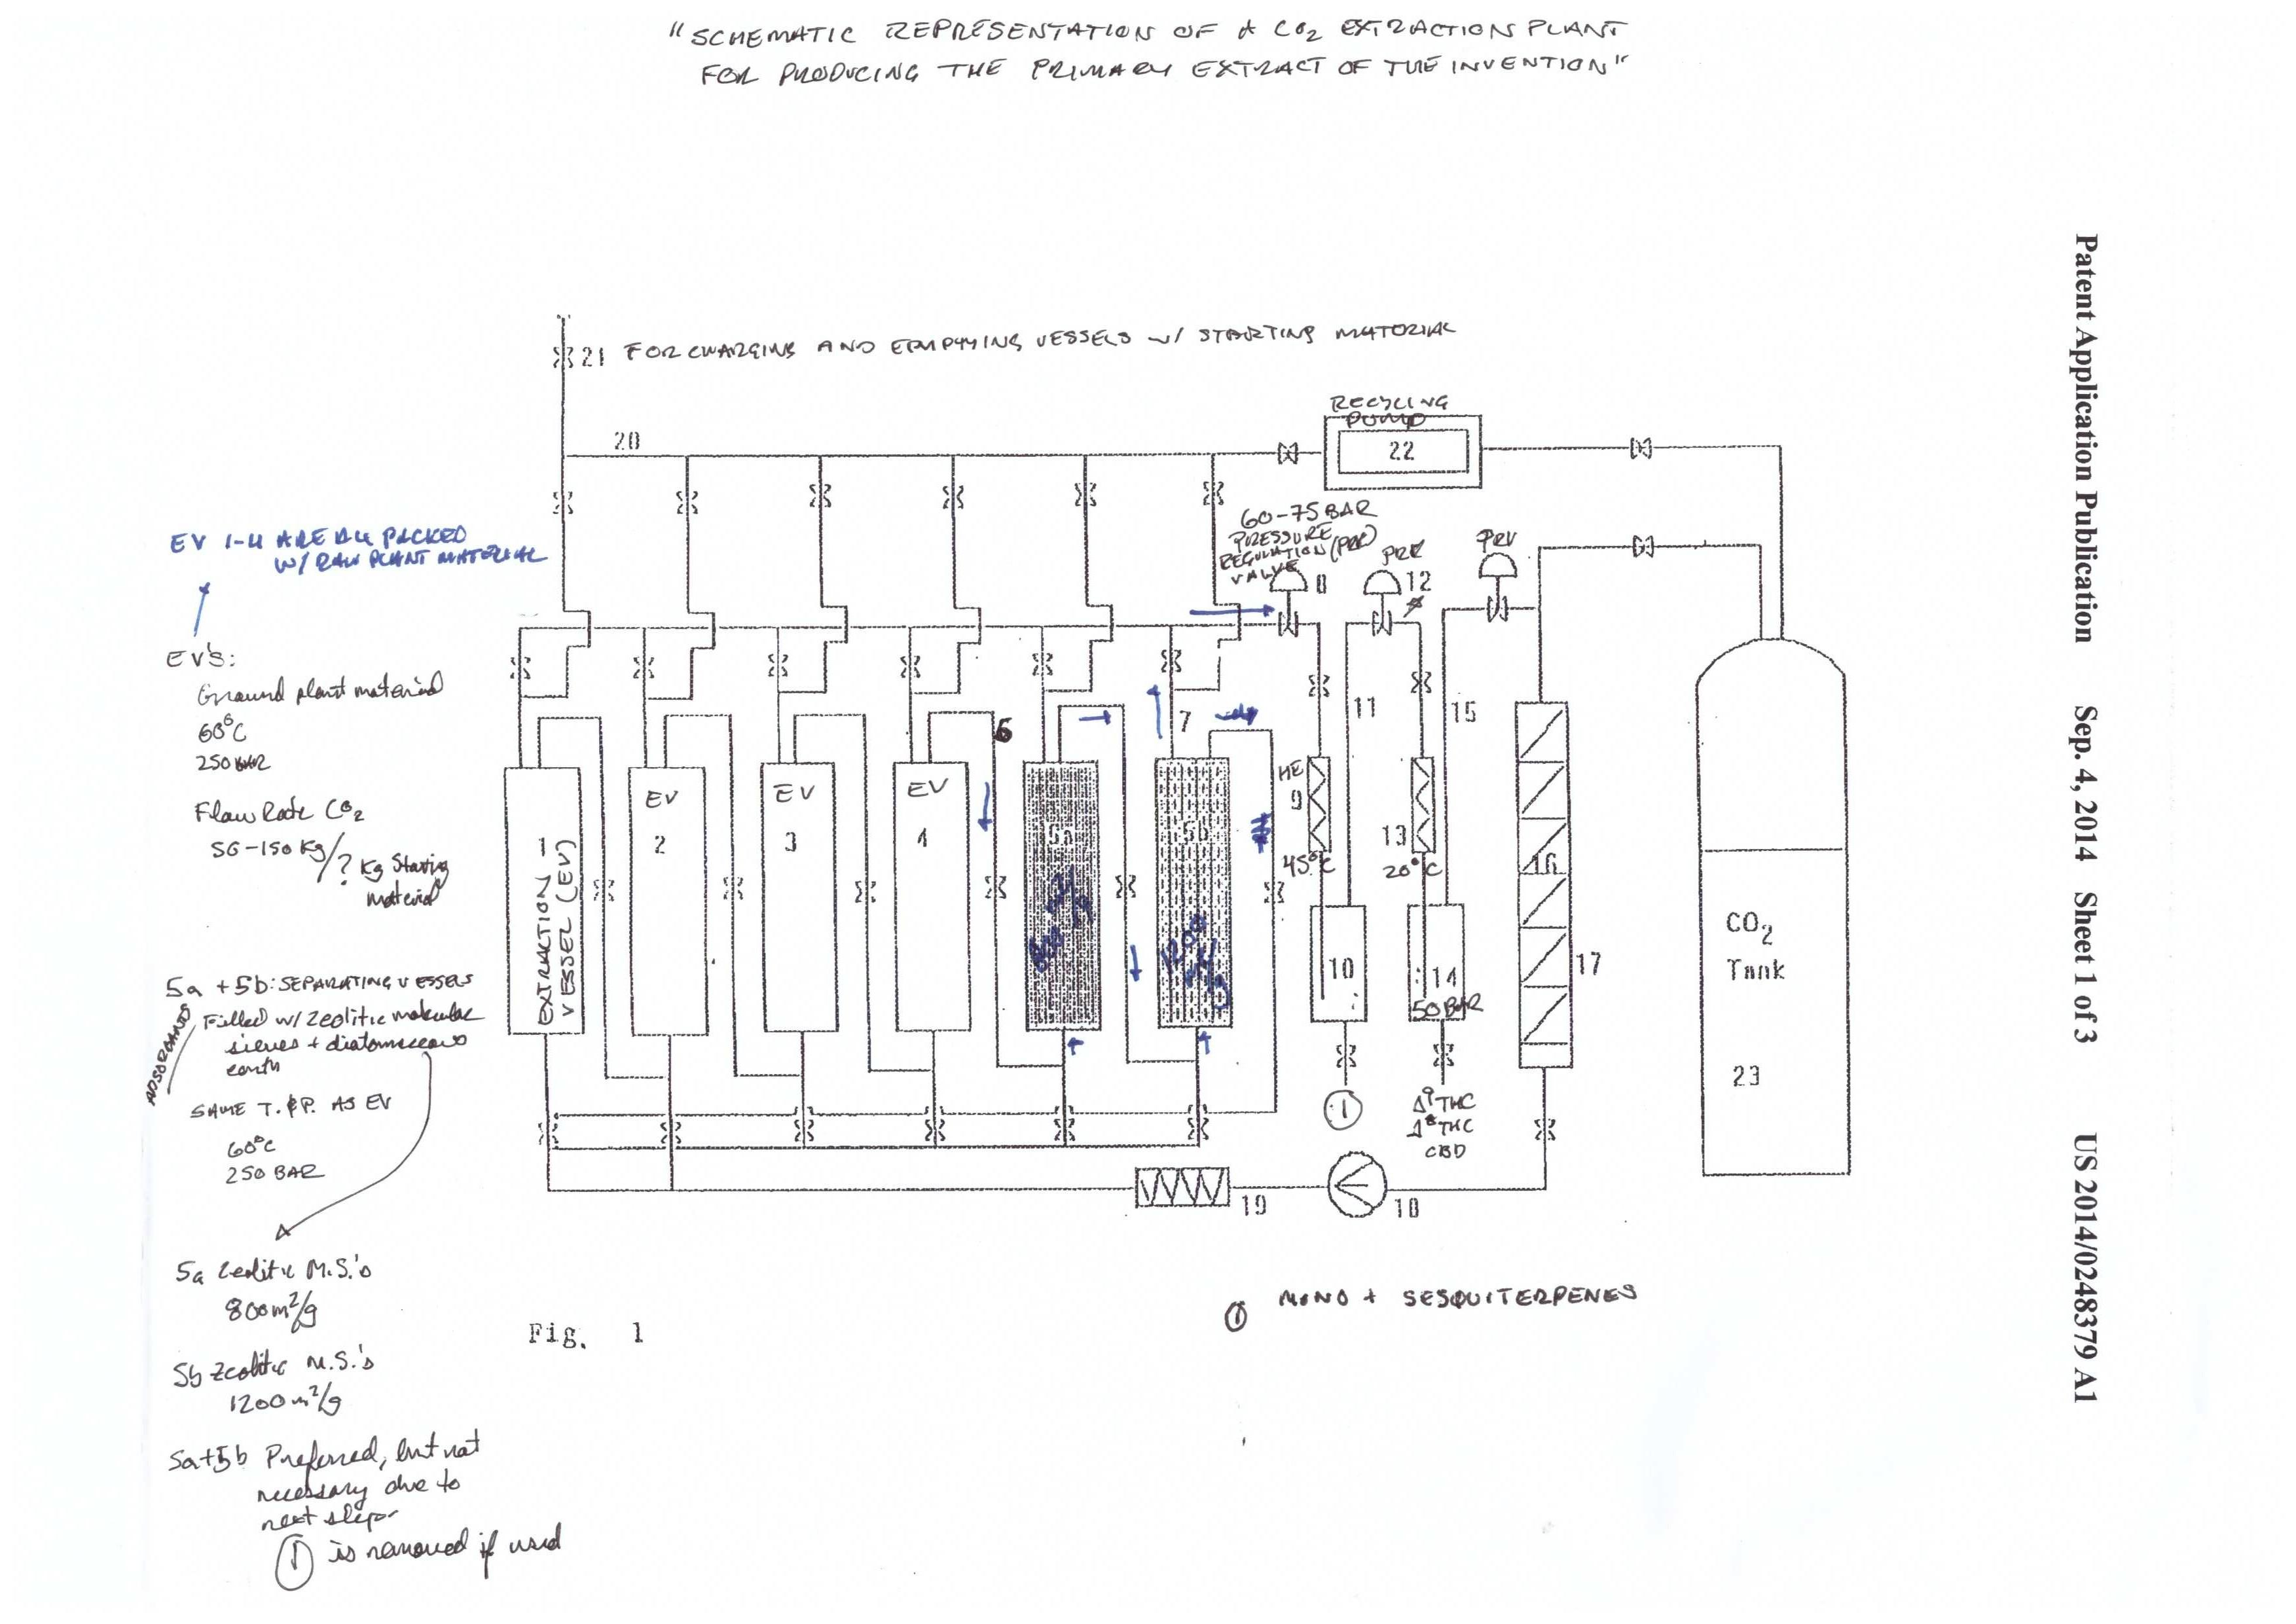 Diagram Of Solvent